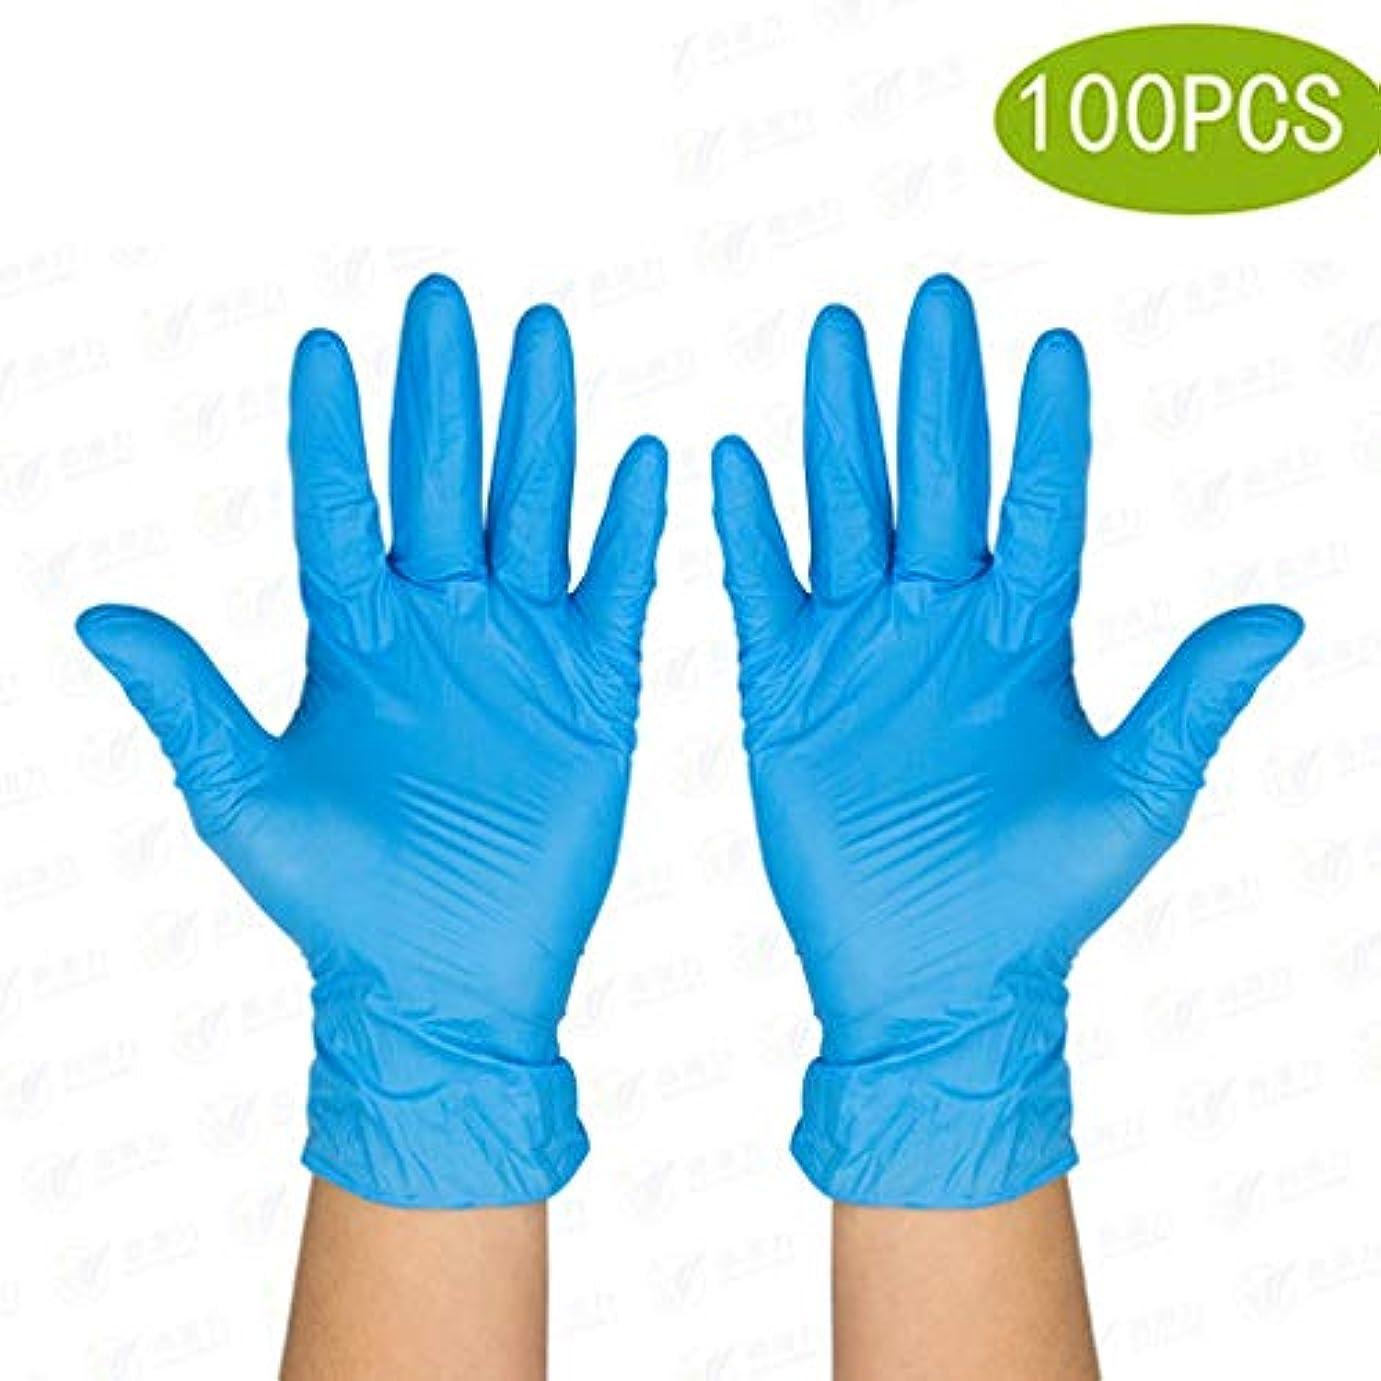 なぜせせらぎ乳白色保護用使い捨てニトリル医療用手袋、3mil、ラテックスフリー、試験グレードの手袋、質感のある、両性、非滅菌の、100ラテックス手袋のパック (Color : Blue, Size : L)